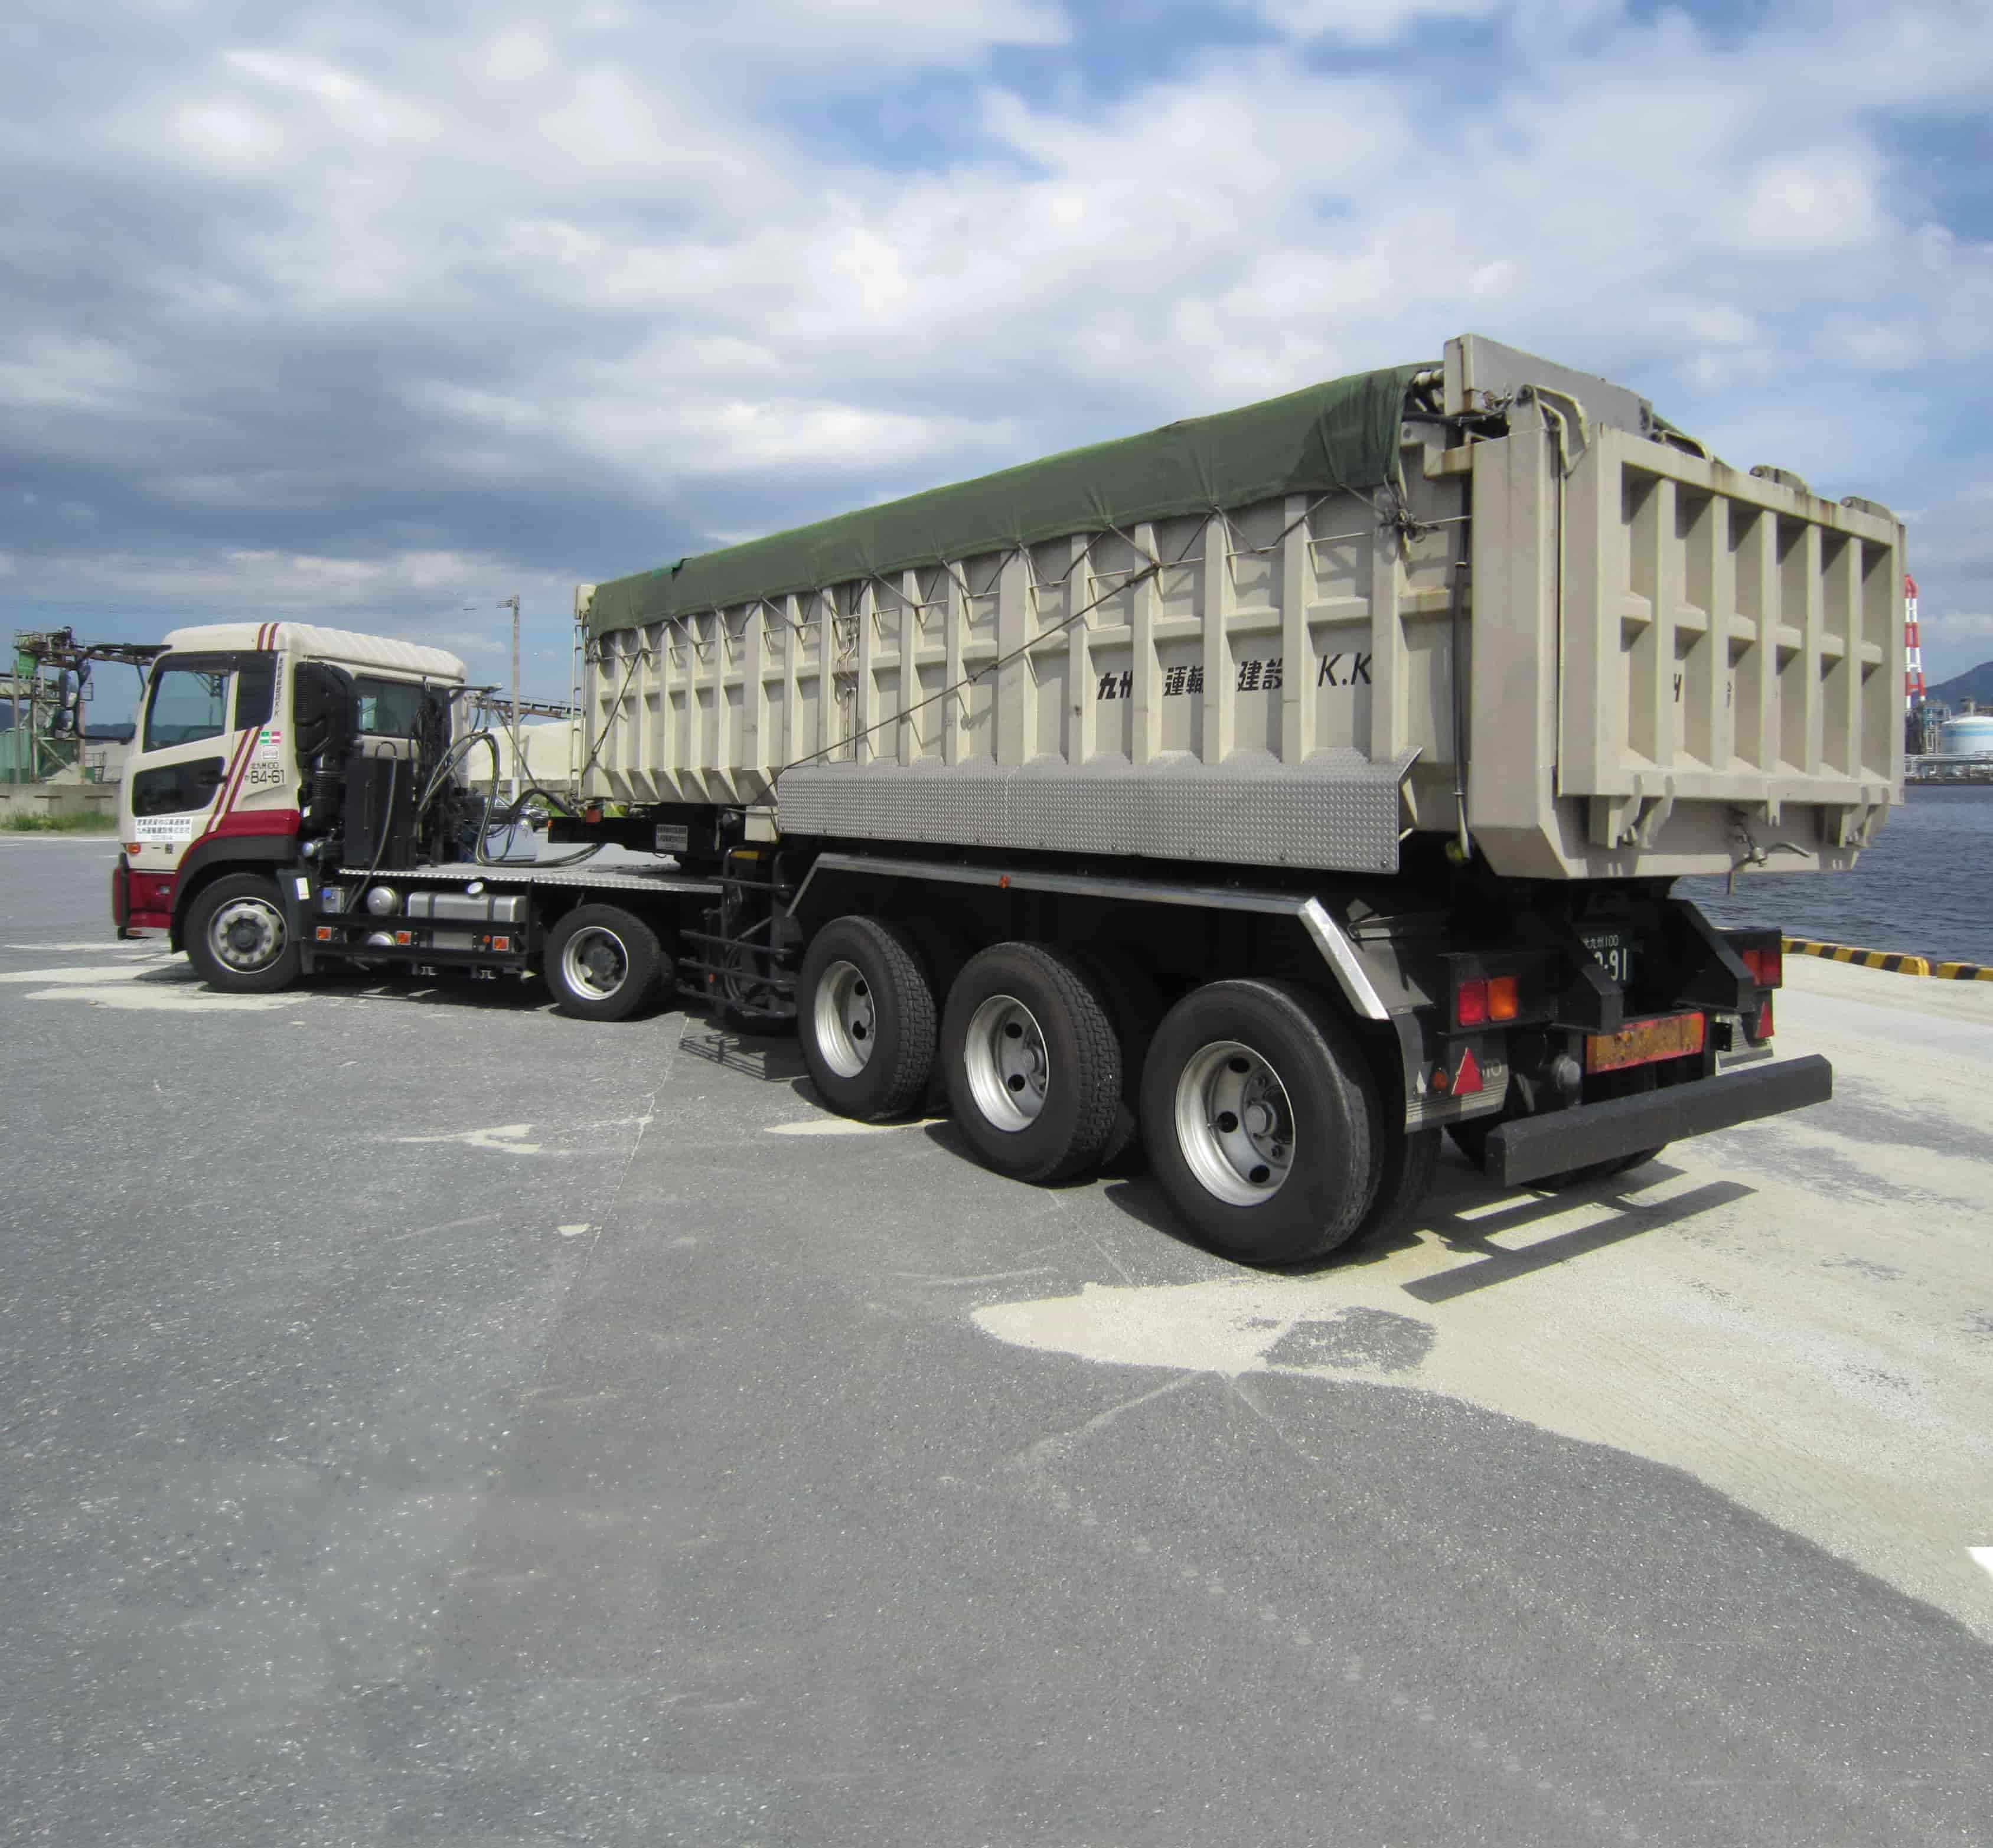 25tセミトレーラーダンプ|産業廃棄物収集運搬|九州運輸建設株式会社|北九州市